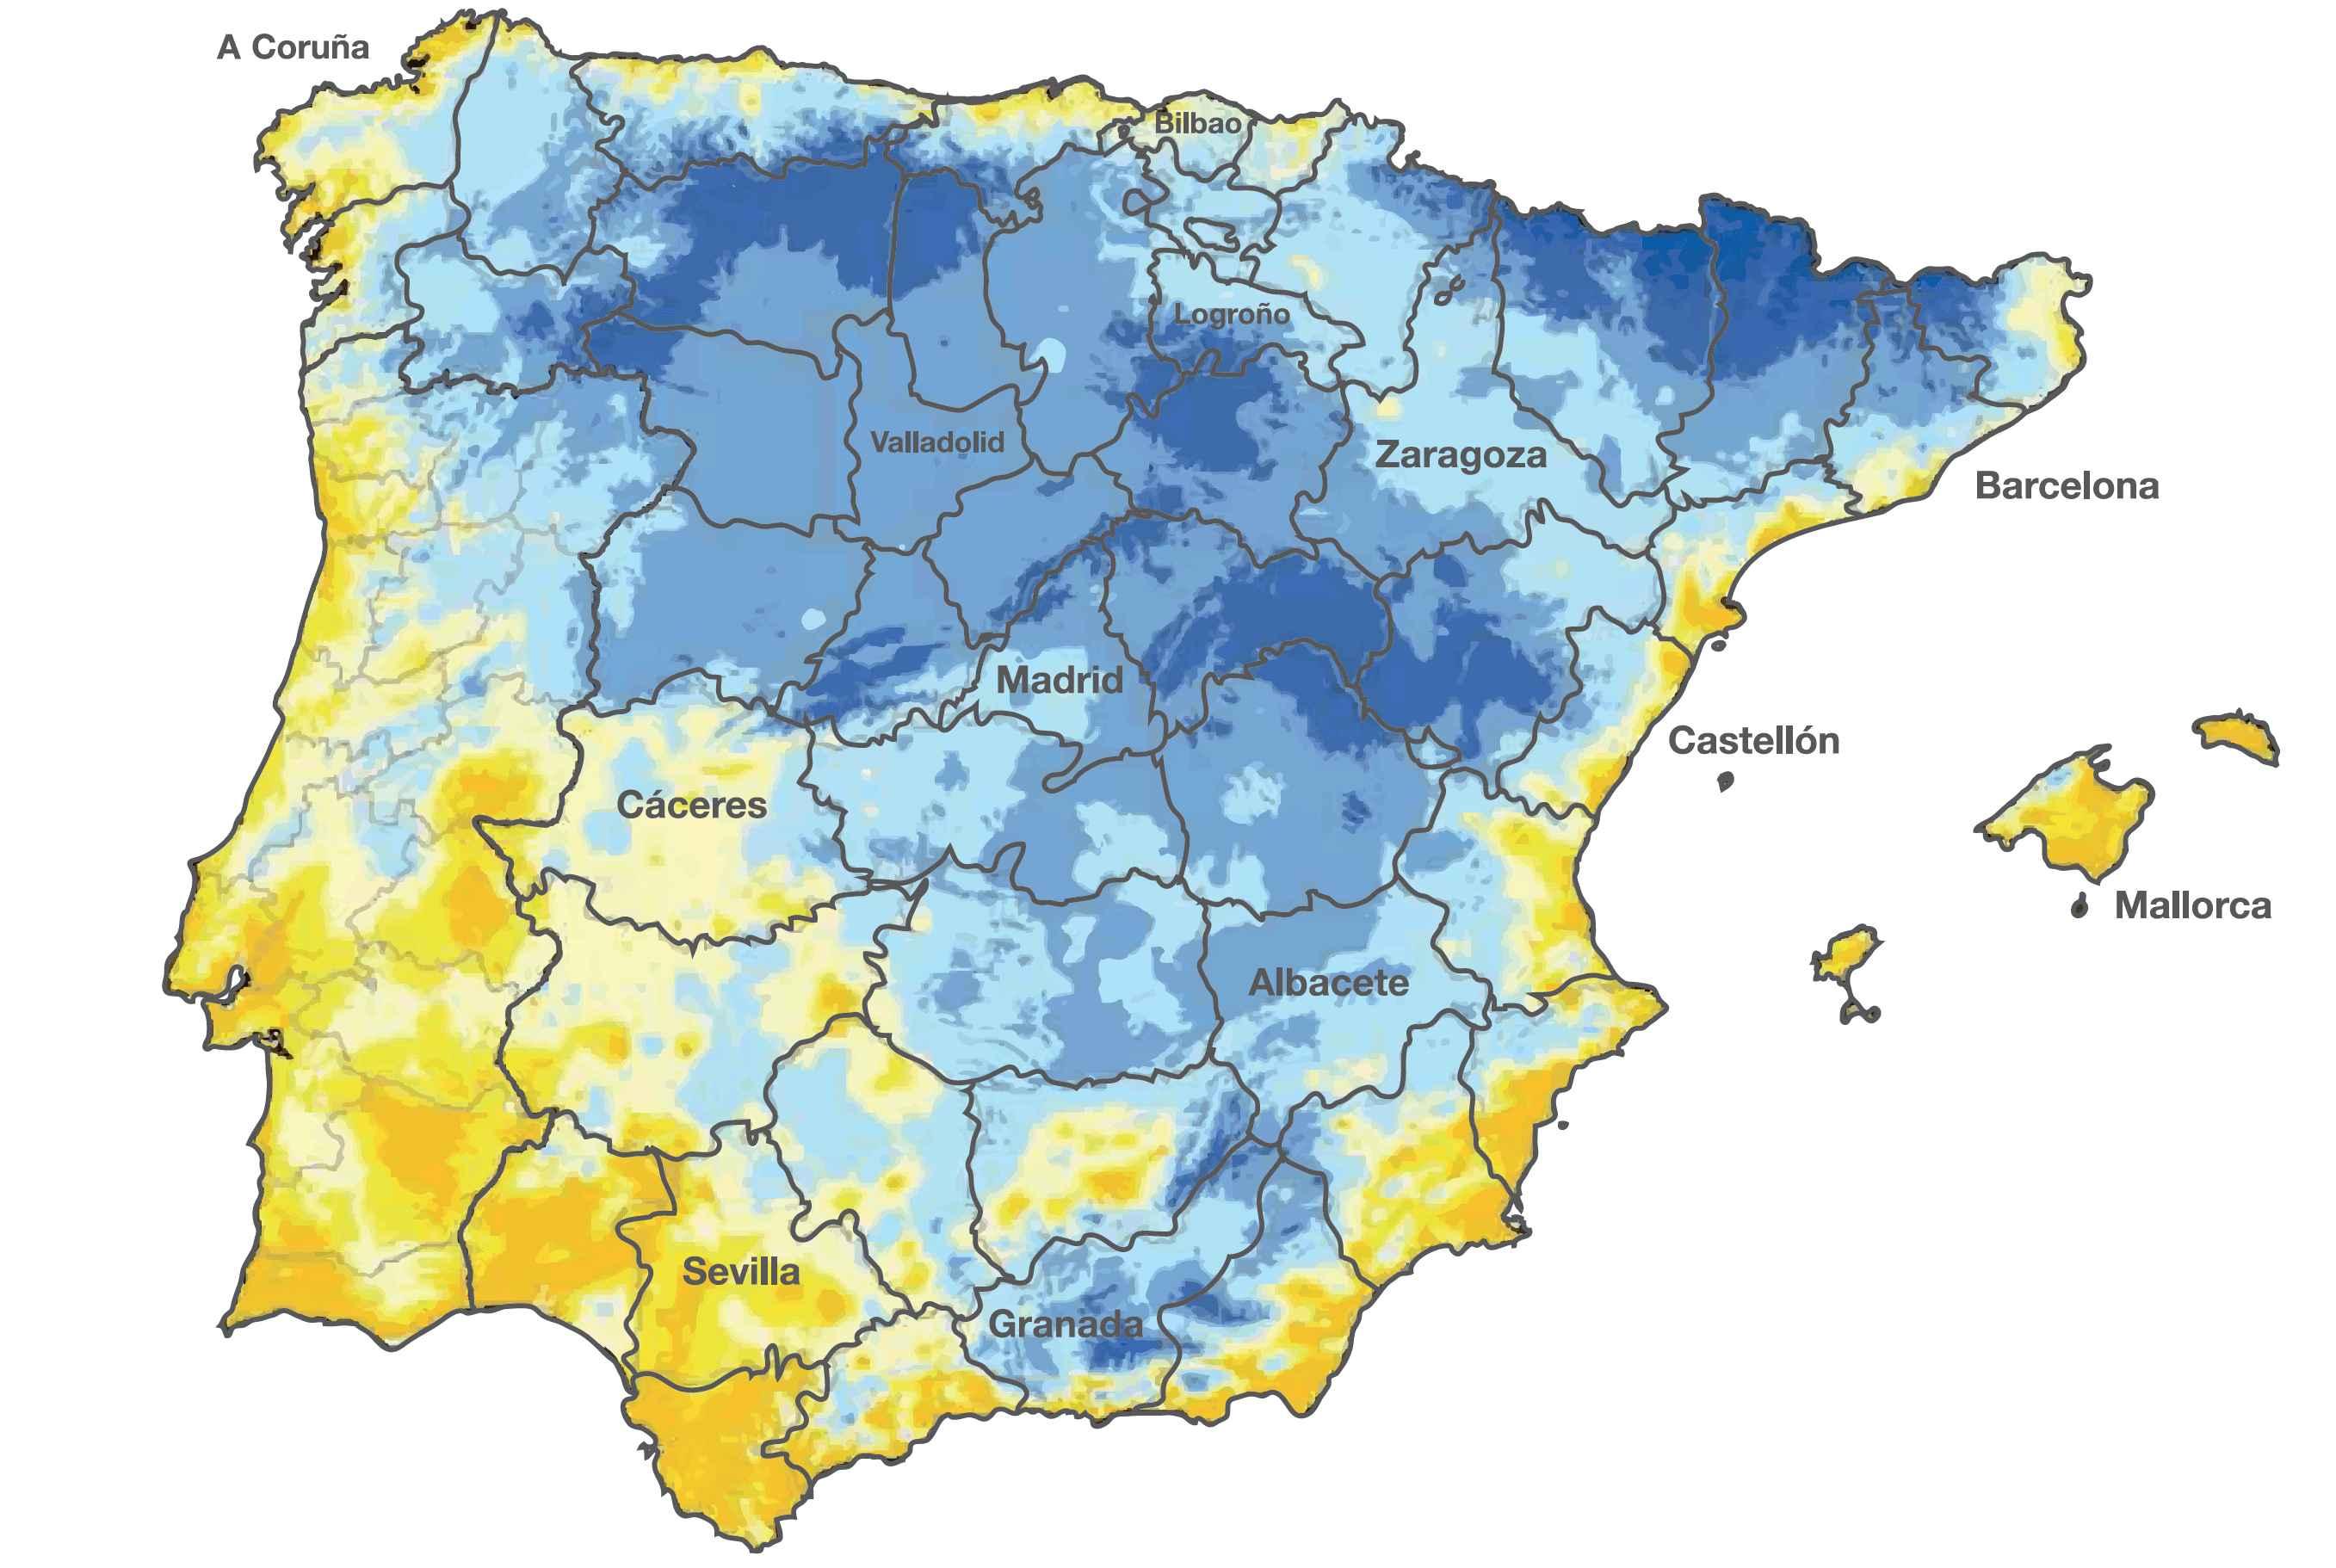 Mapa para el calculo de necesidades Gabarrón